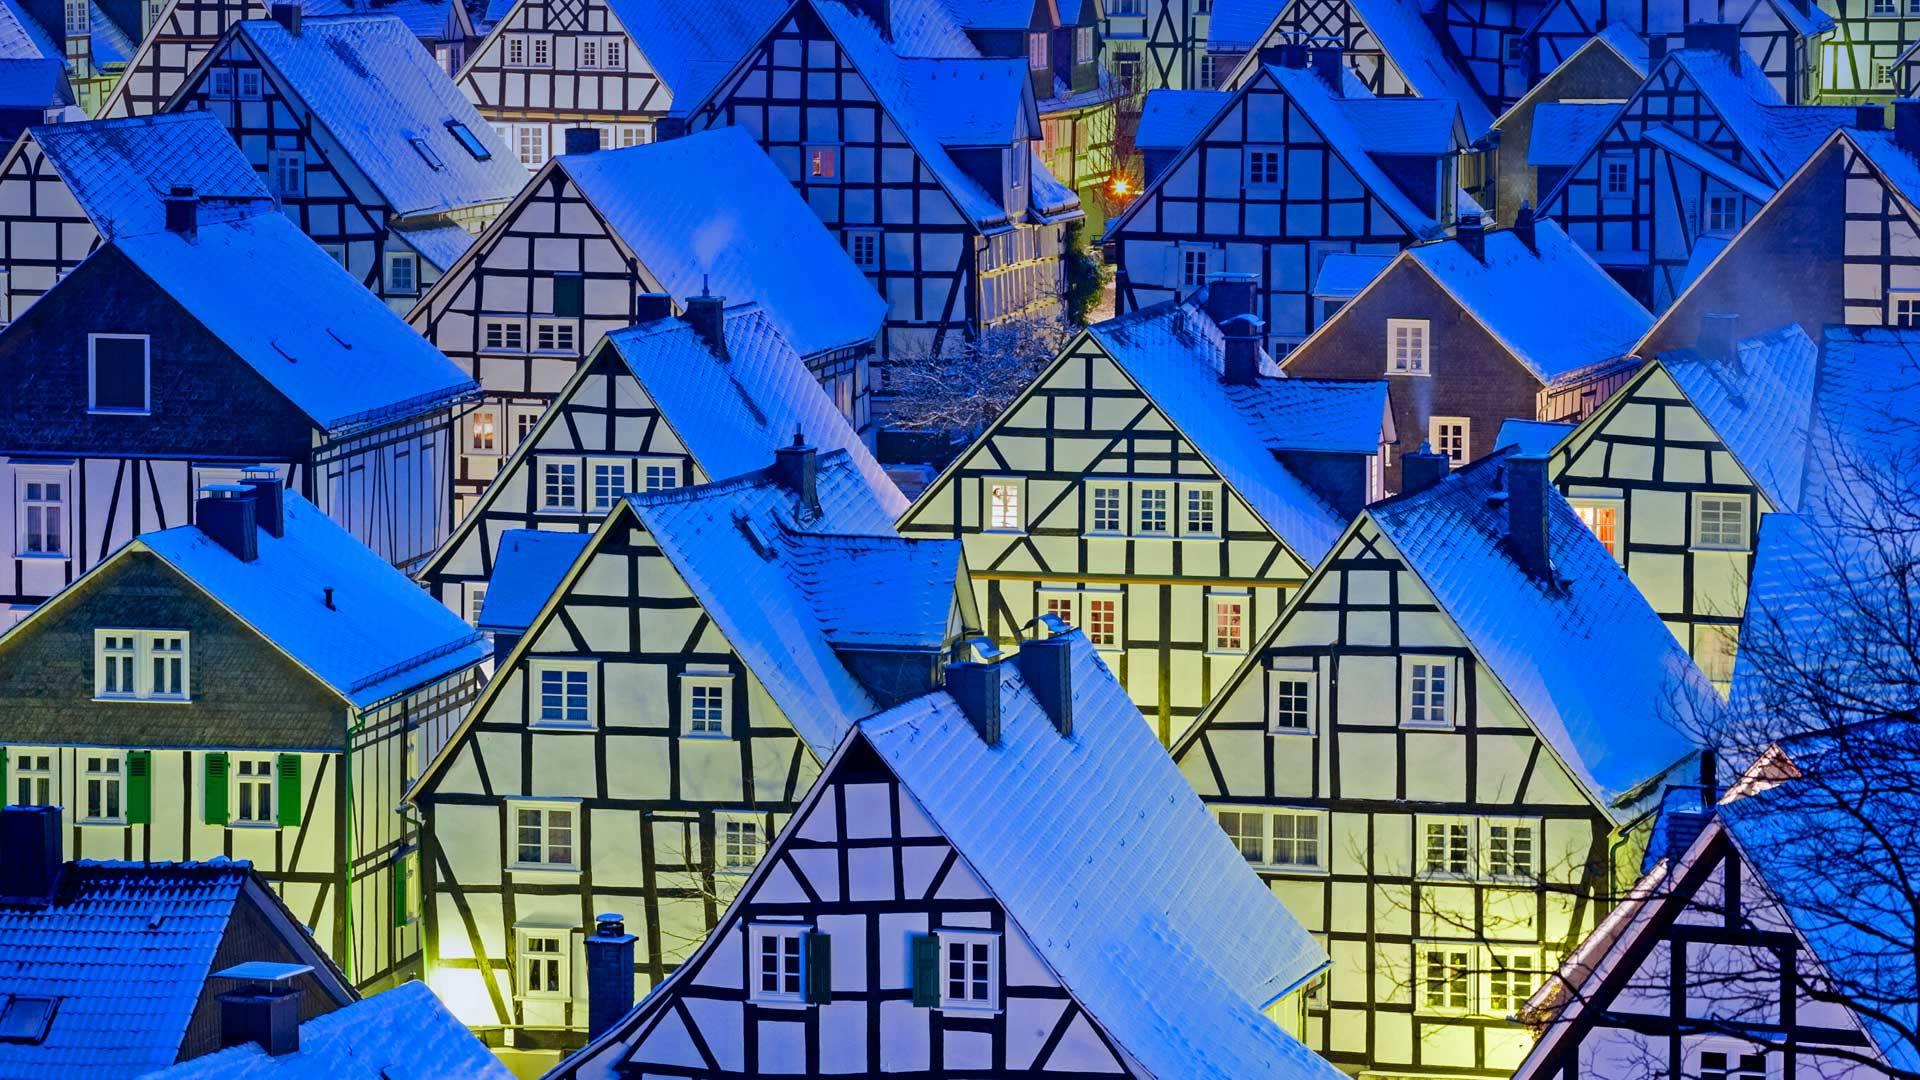 Fonds d'écran de Bing.com géolocalisés Freude10